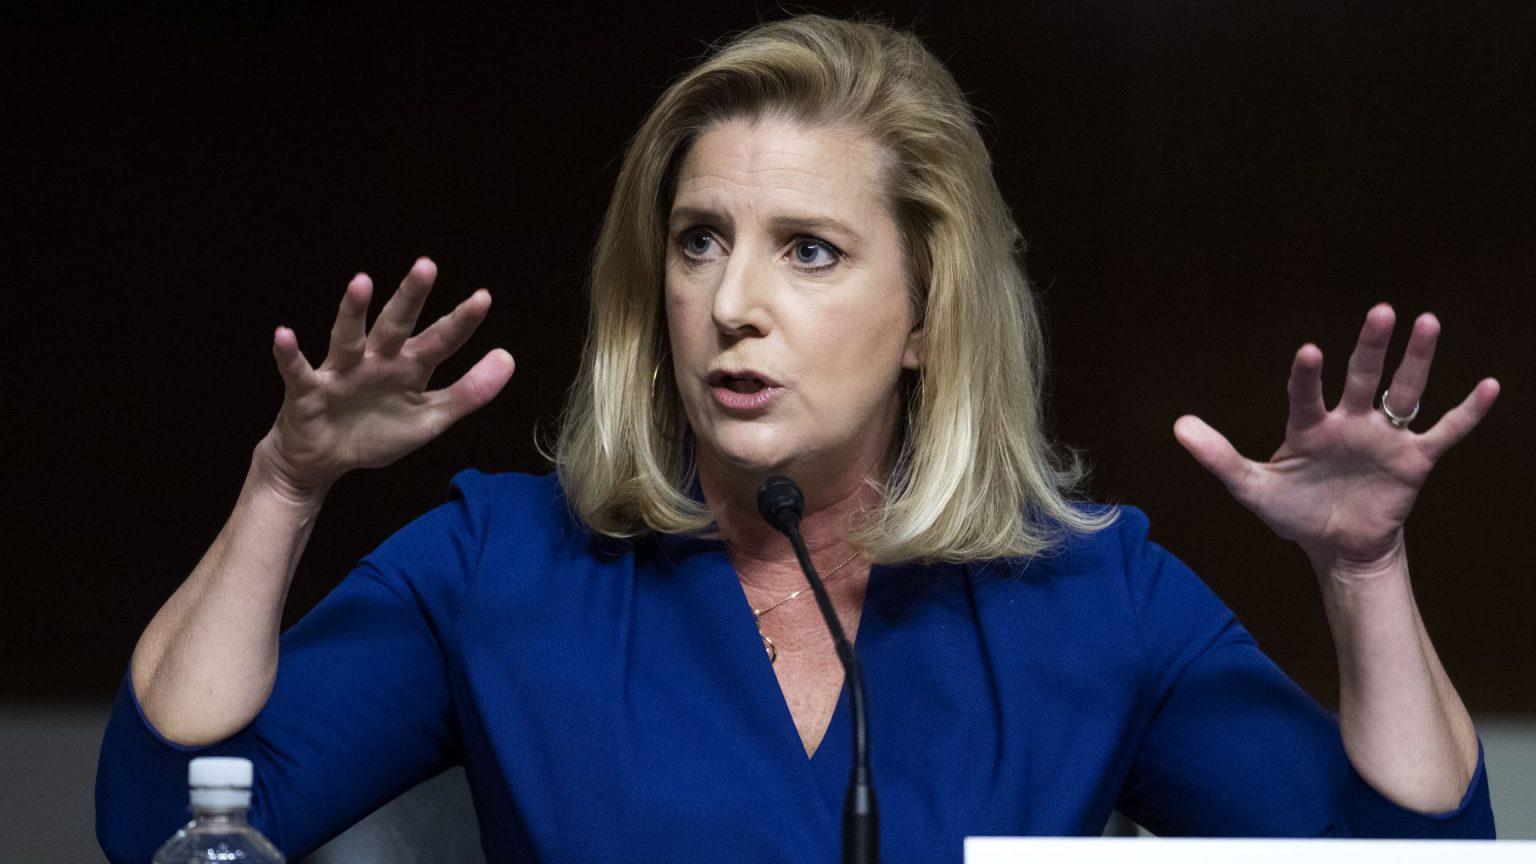 US Senate confirms Christine Wormuth as first female Army secretary | ക്രിസ്റ്റിൻ വർമുത്തിനെ ആദ്യത്തെ വനിതാ കരസേന സെക്രട്ടറിയായി യുഎസ് സെനറ്റ് സ്ഥിരീകരിച്ചു_40.1